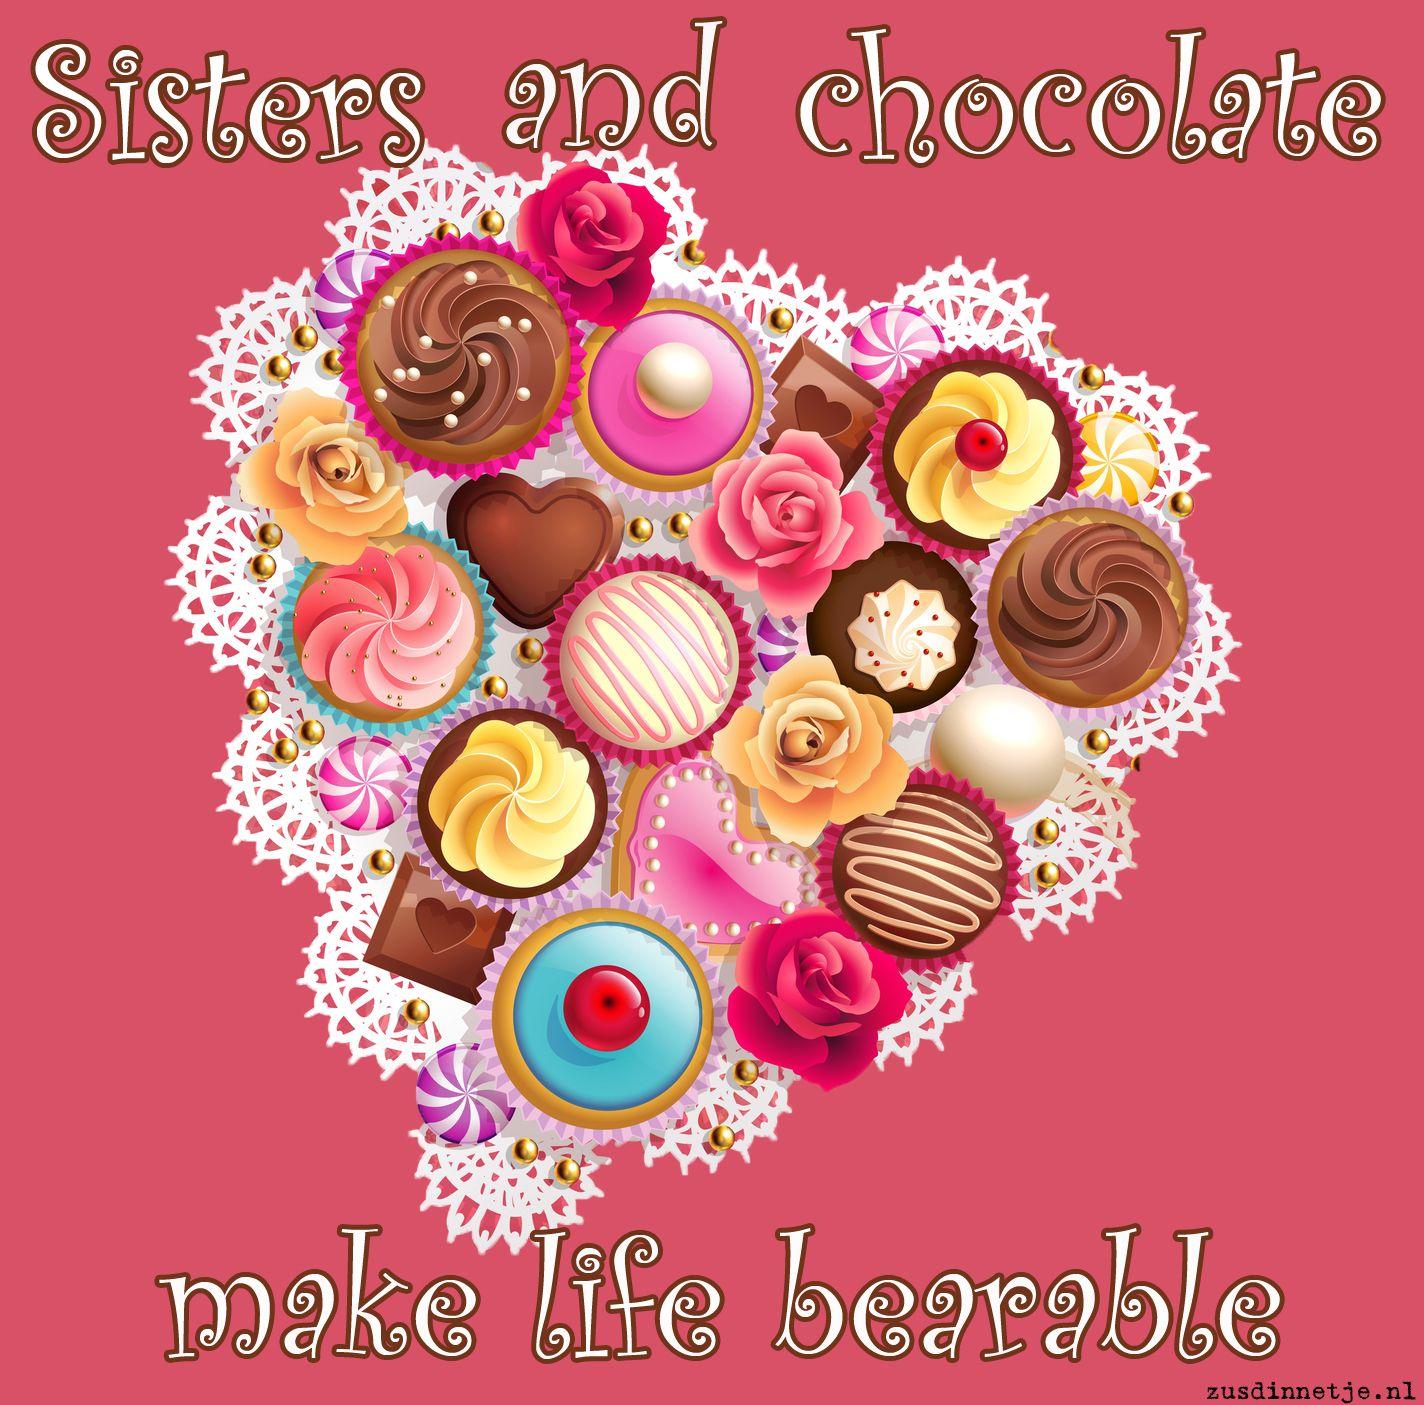 Sisters and chocolate make life bearable!